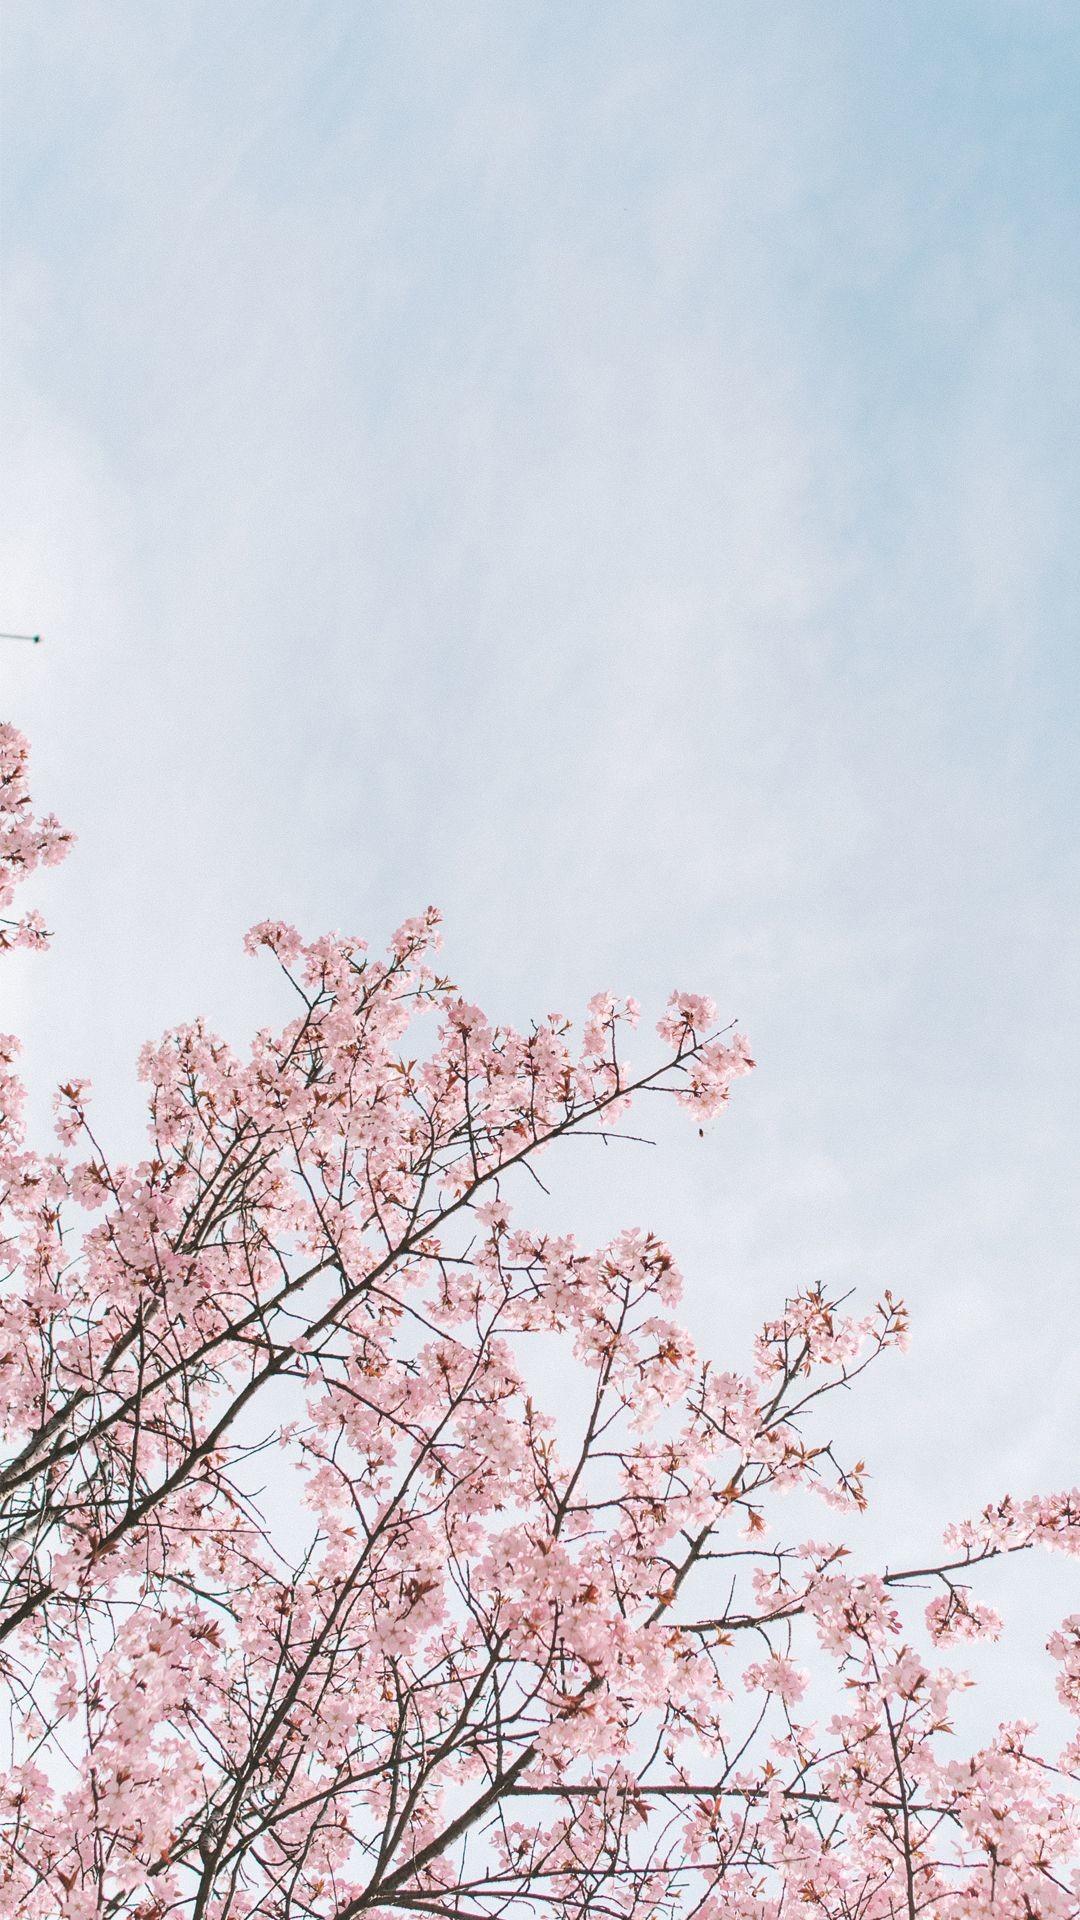 Anime Cherry Blossom Aesthetic Wallpaper